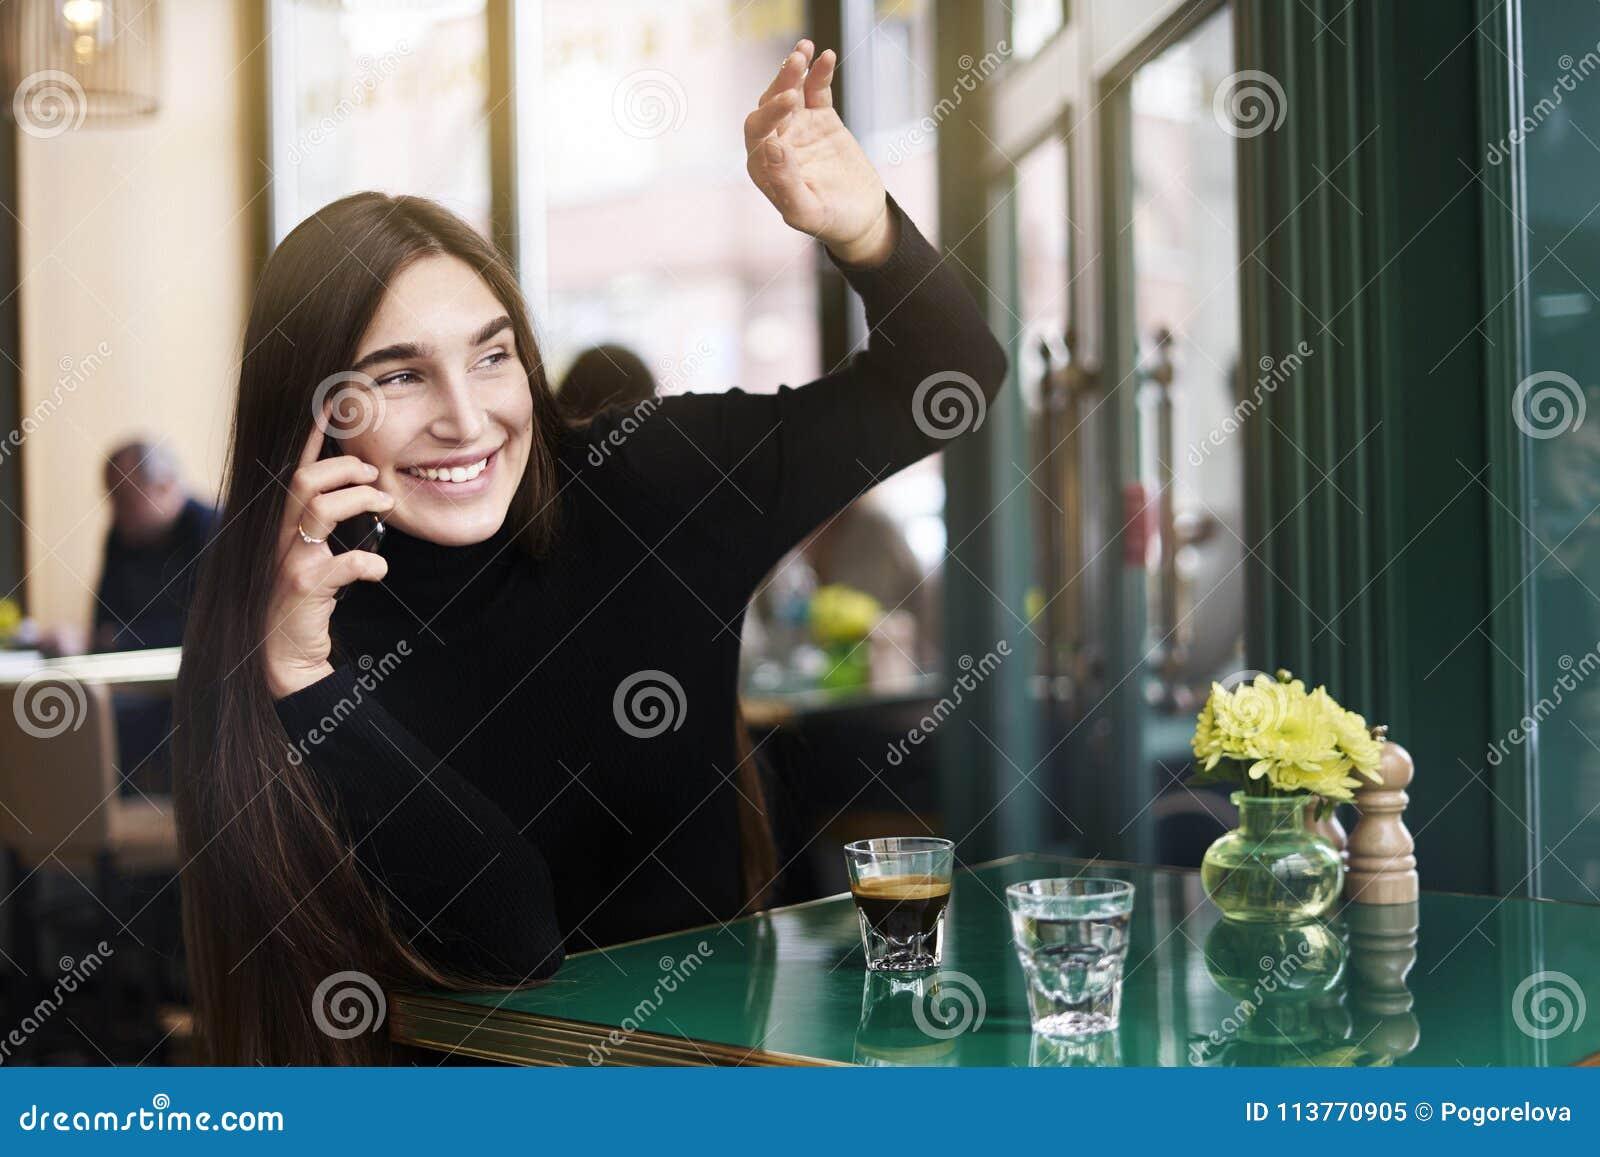 De jonge vrouw met lang haar geeft hallo-vijf aan iemand, drinkt koffie die rust in koffie hebben dichtbij windowing